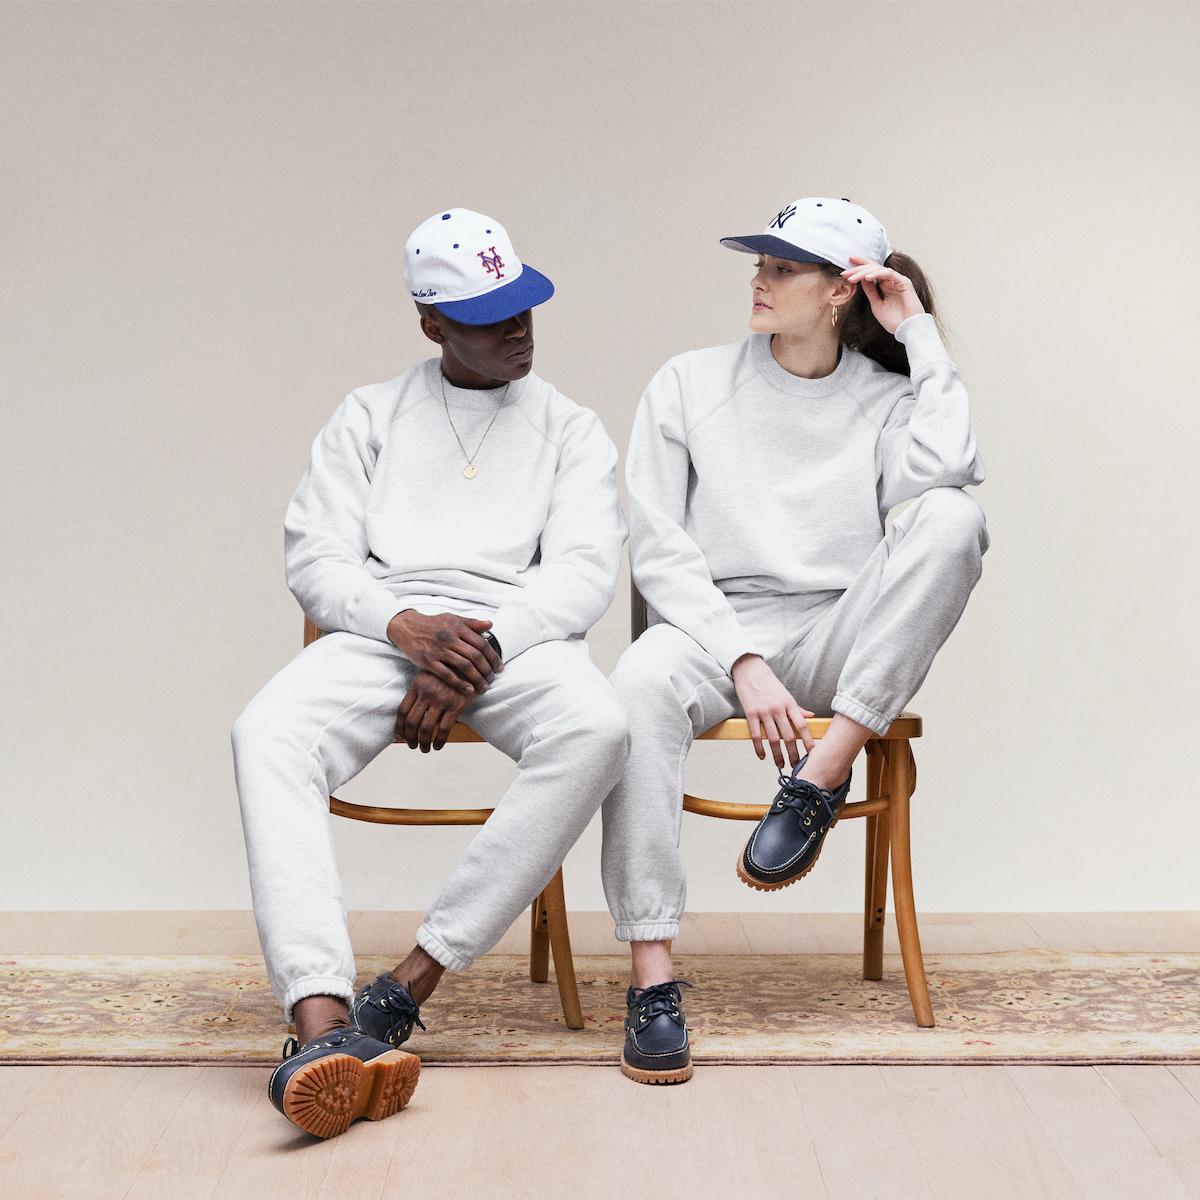 Timberland x Aimé Leon Dore's '3-Eye Lug' Shoes Drop Tomorrow